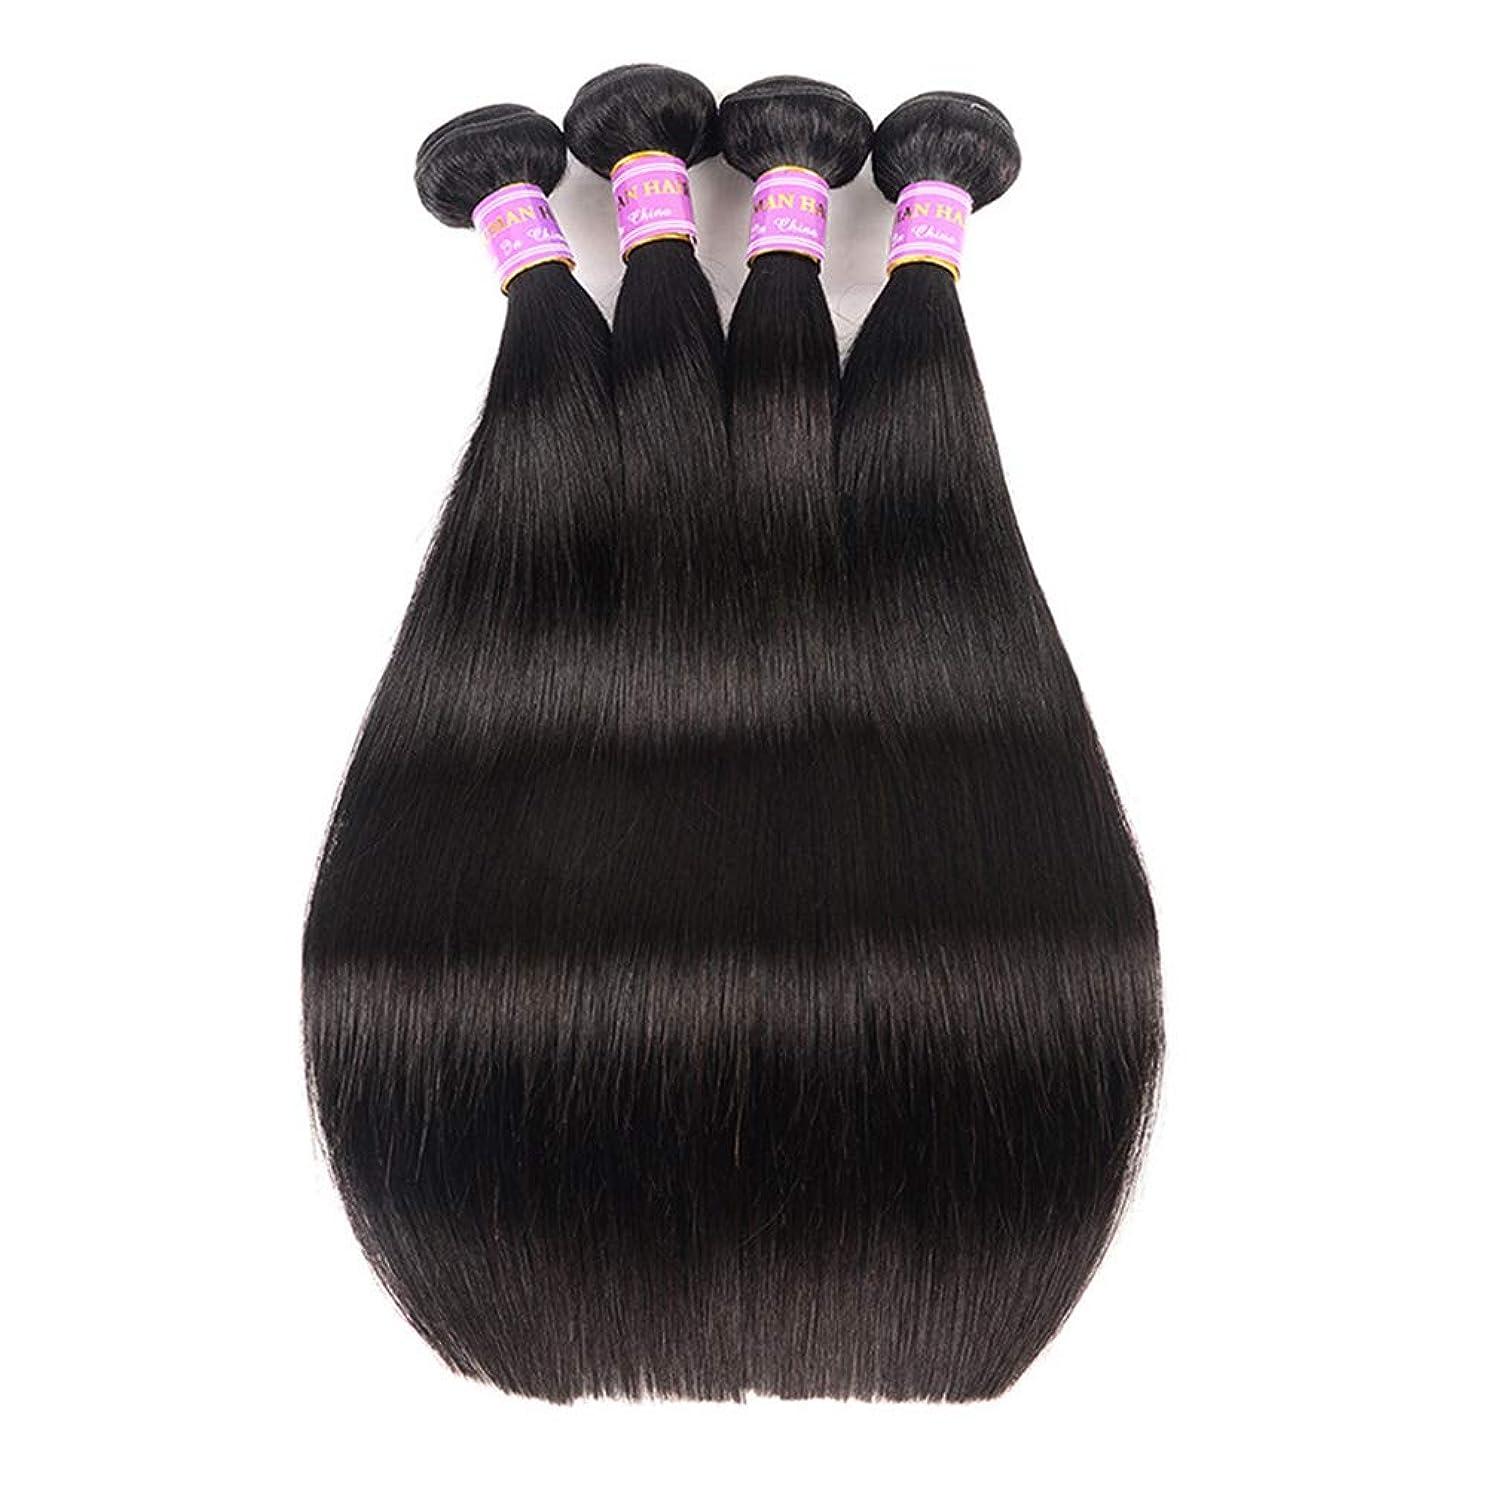 予備見込みリラックスした100%のremyブラジルの人間の髪の毛未処理の自然な黒の色を編む女性の髪を染めることができます二重よこ糸人間の髪織りエクステンションシルキーストレートヘア